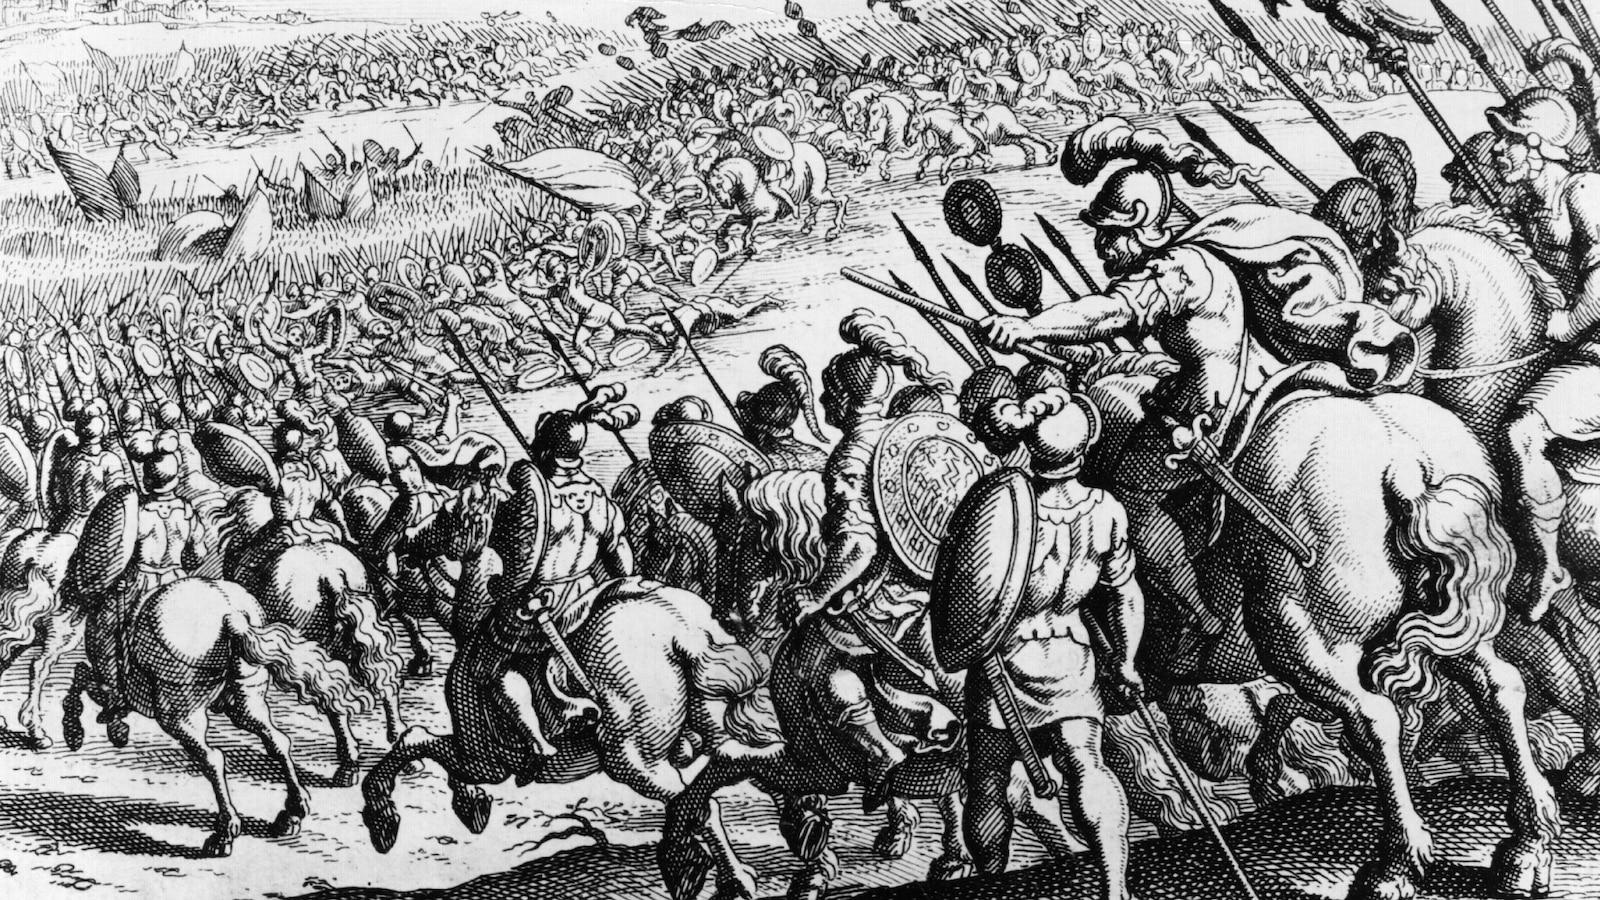 Gravure représentant la victoire des troupes d'Alexandre le Grand contre les Perses dans le Granique, en 334 av. J.-C.